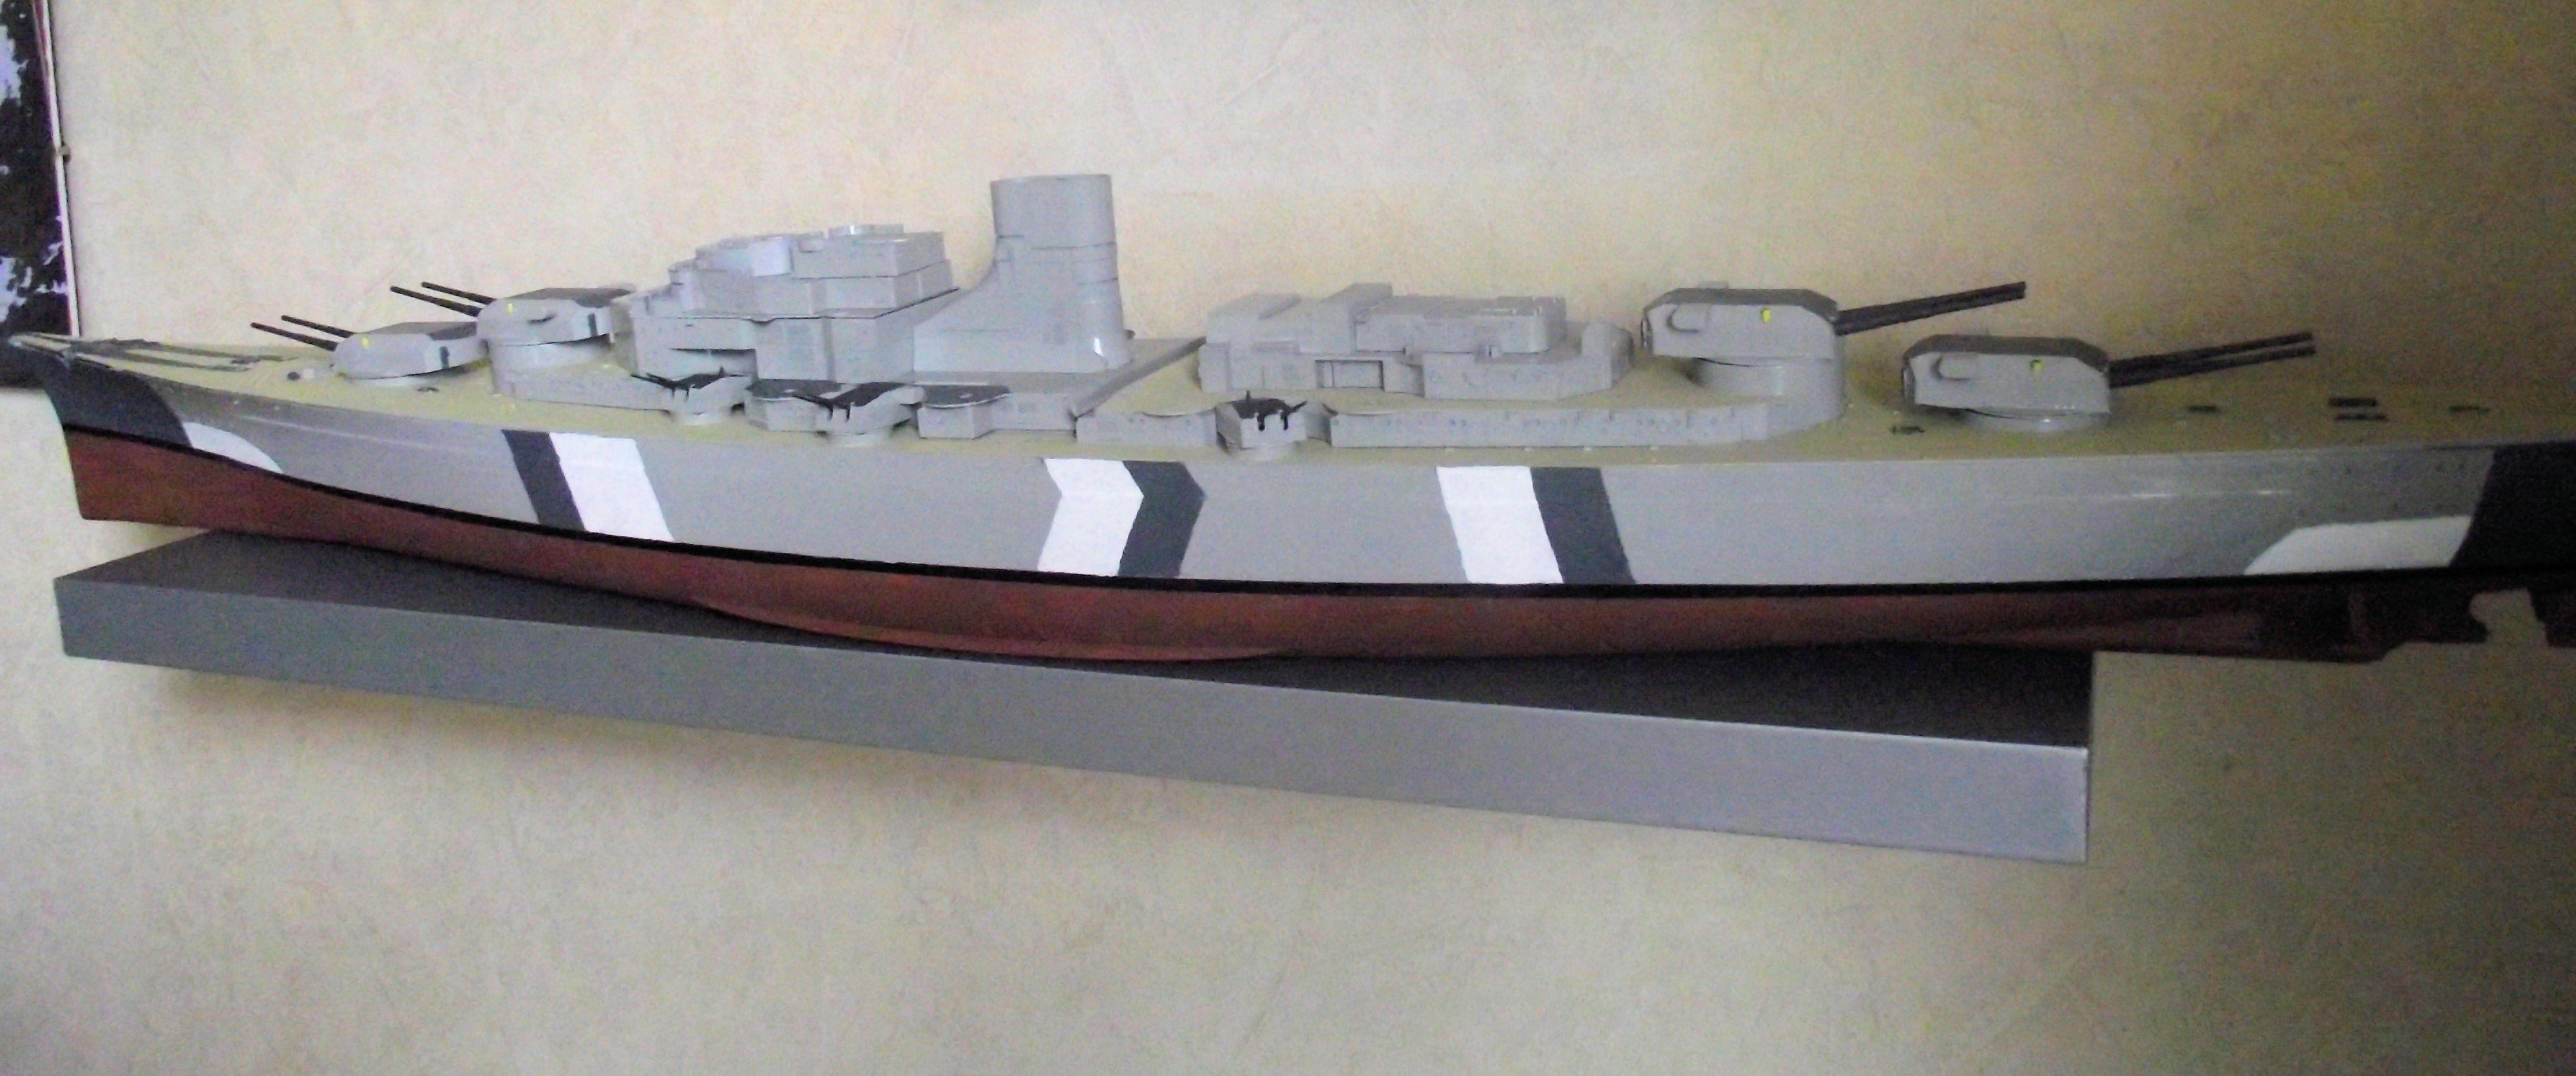 Bismarck au 1/200 Trumpetter  - Page 3 734805DSCF0788